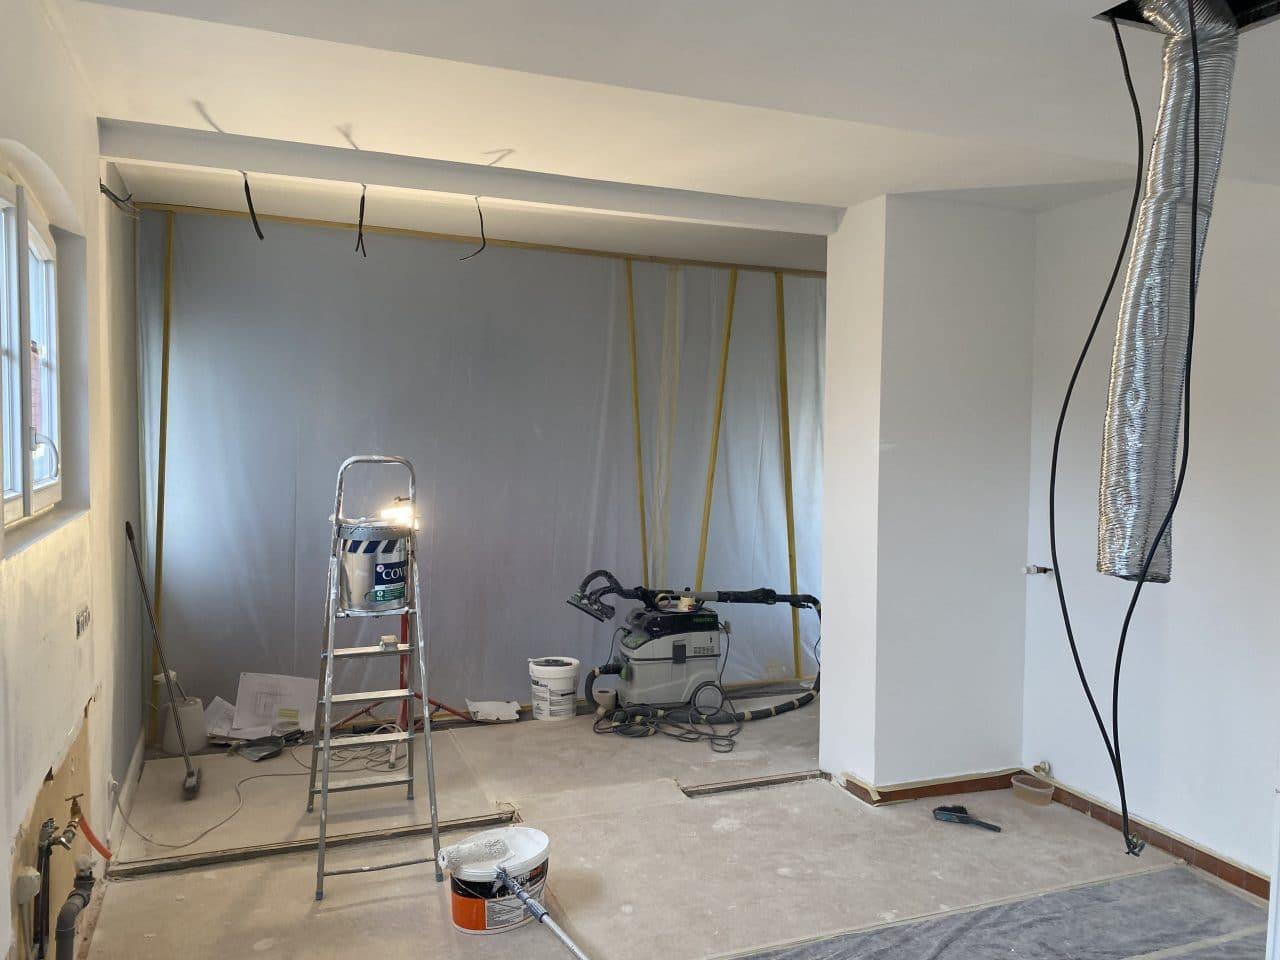 rénovation de cuisine à Holtzheim - pendant travaux